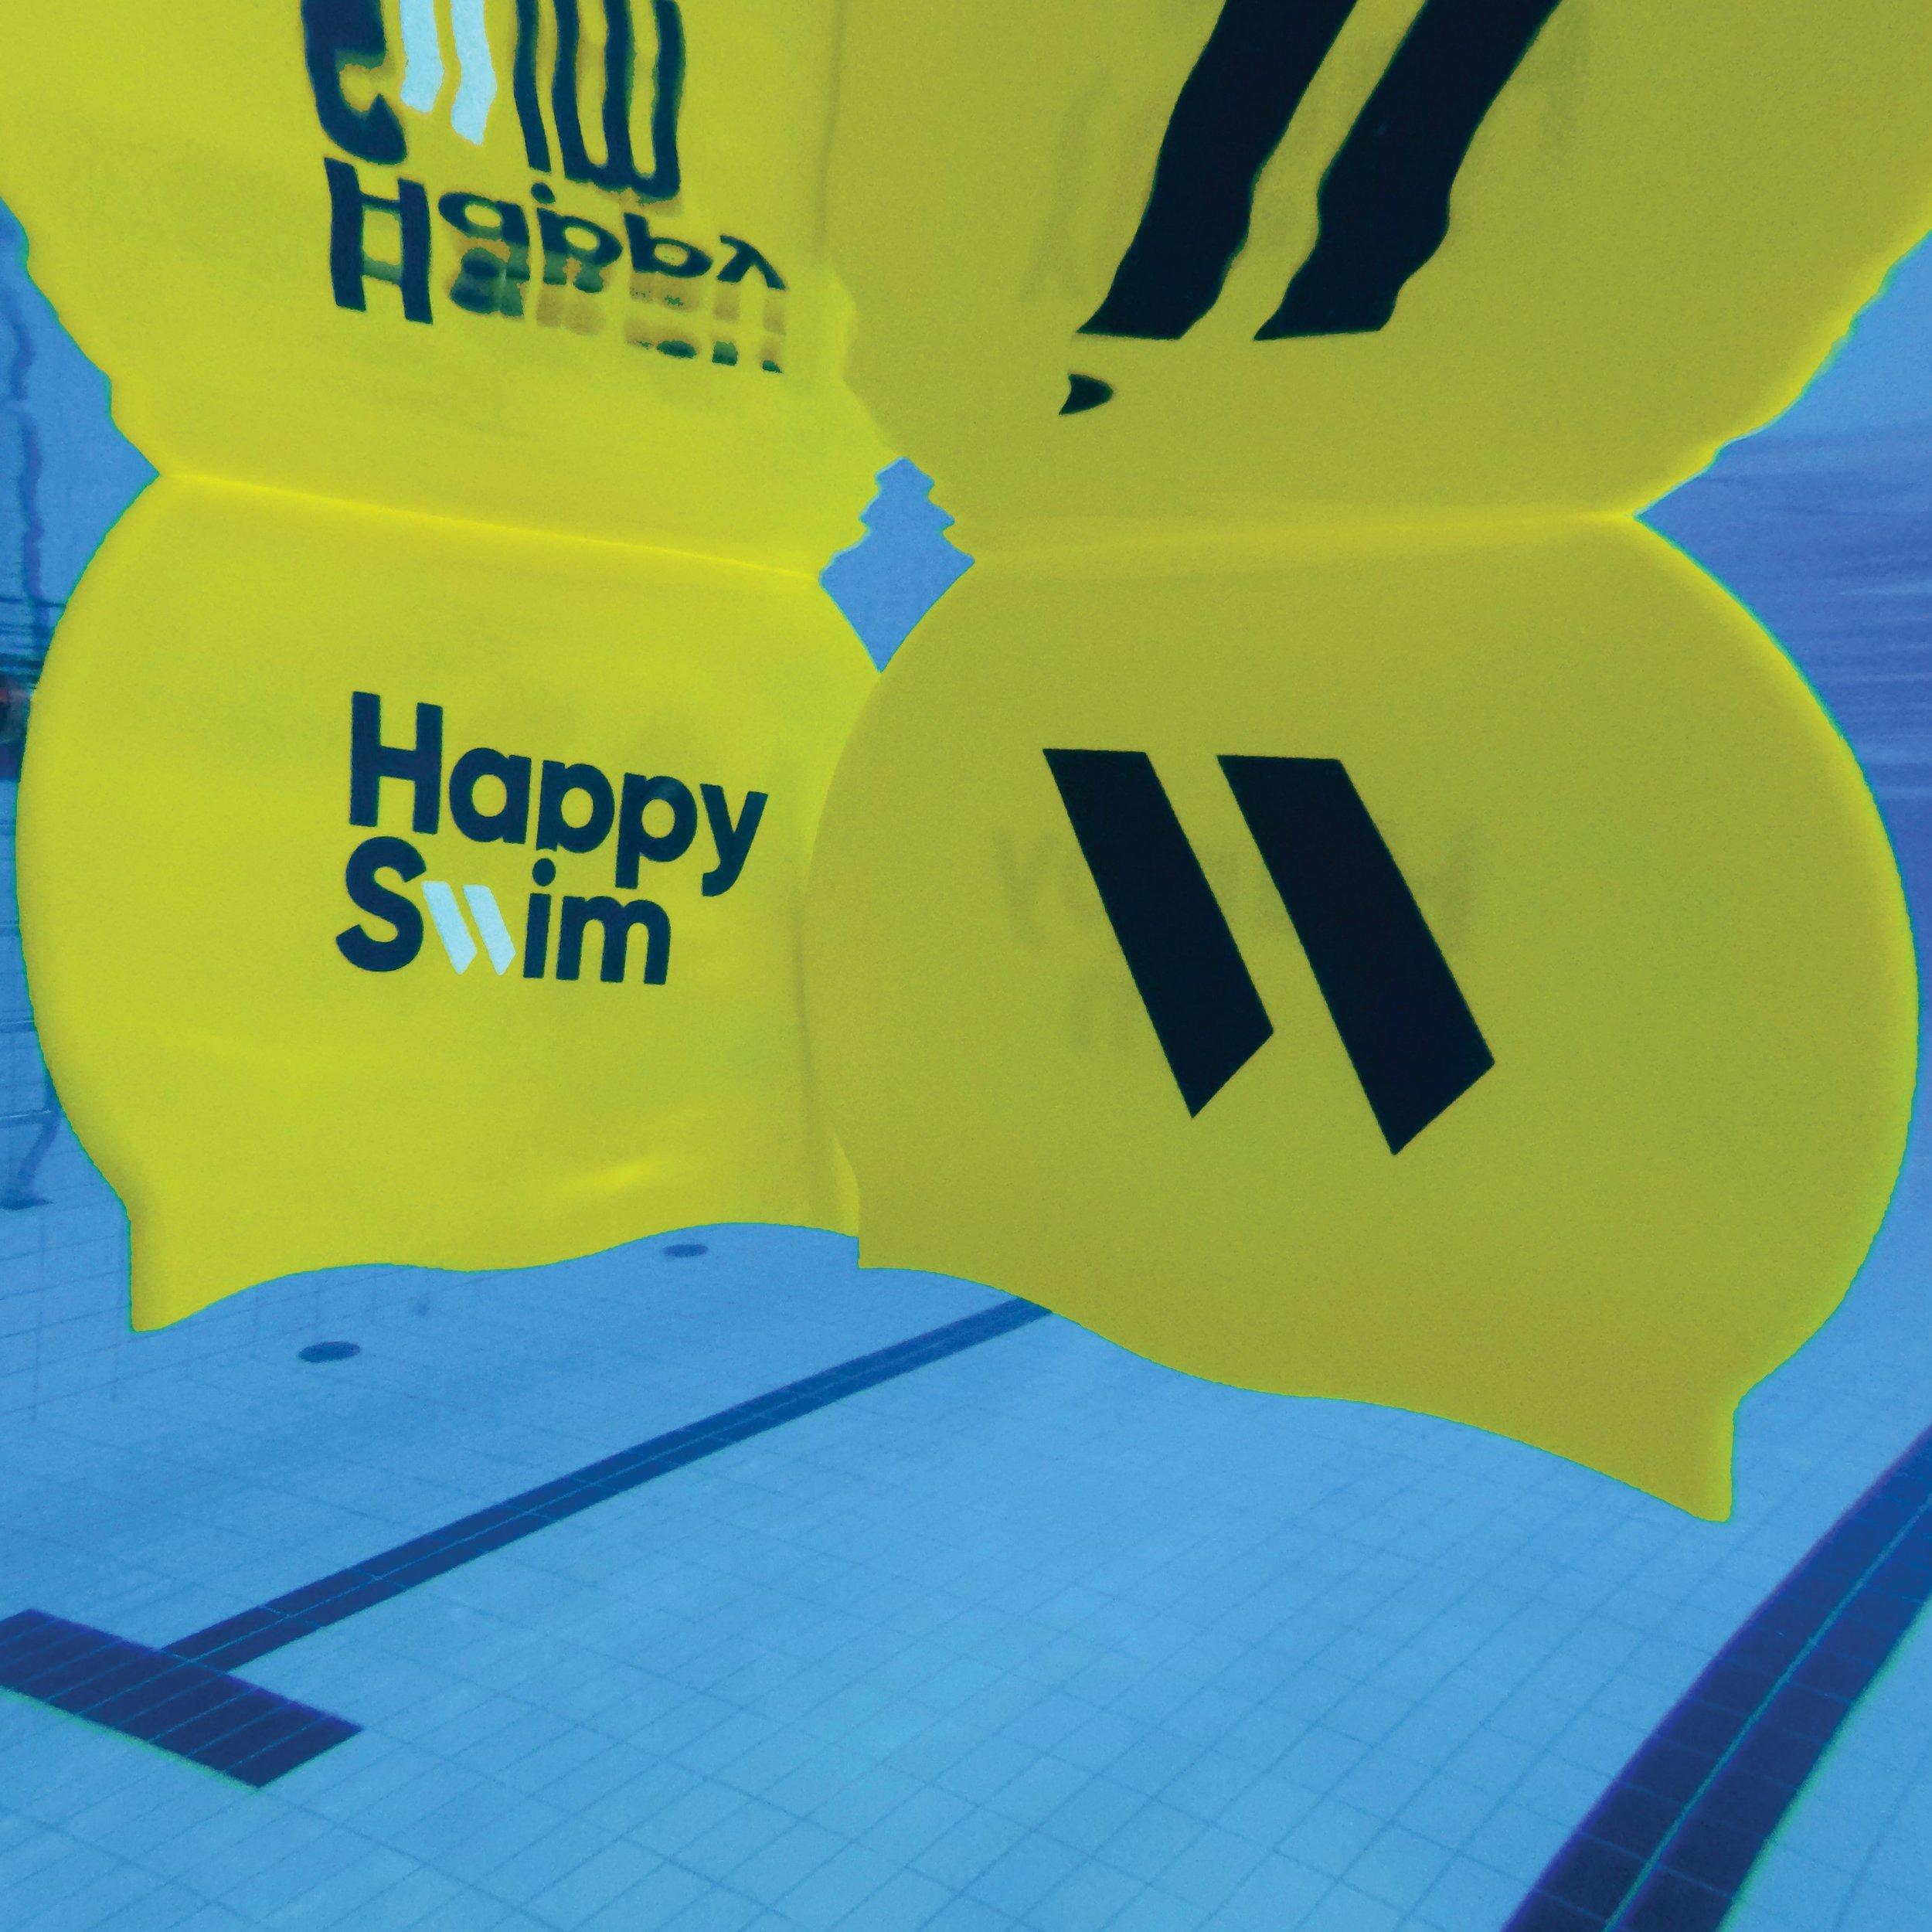 čepice-pod-vodou 1.jpg